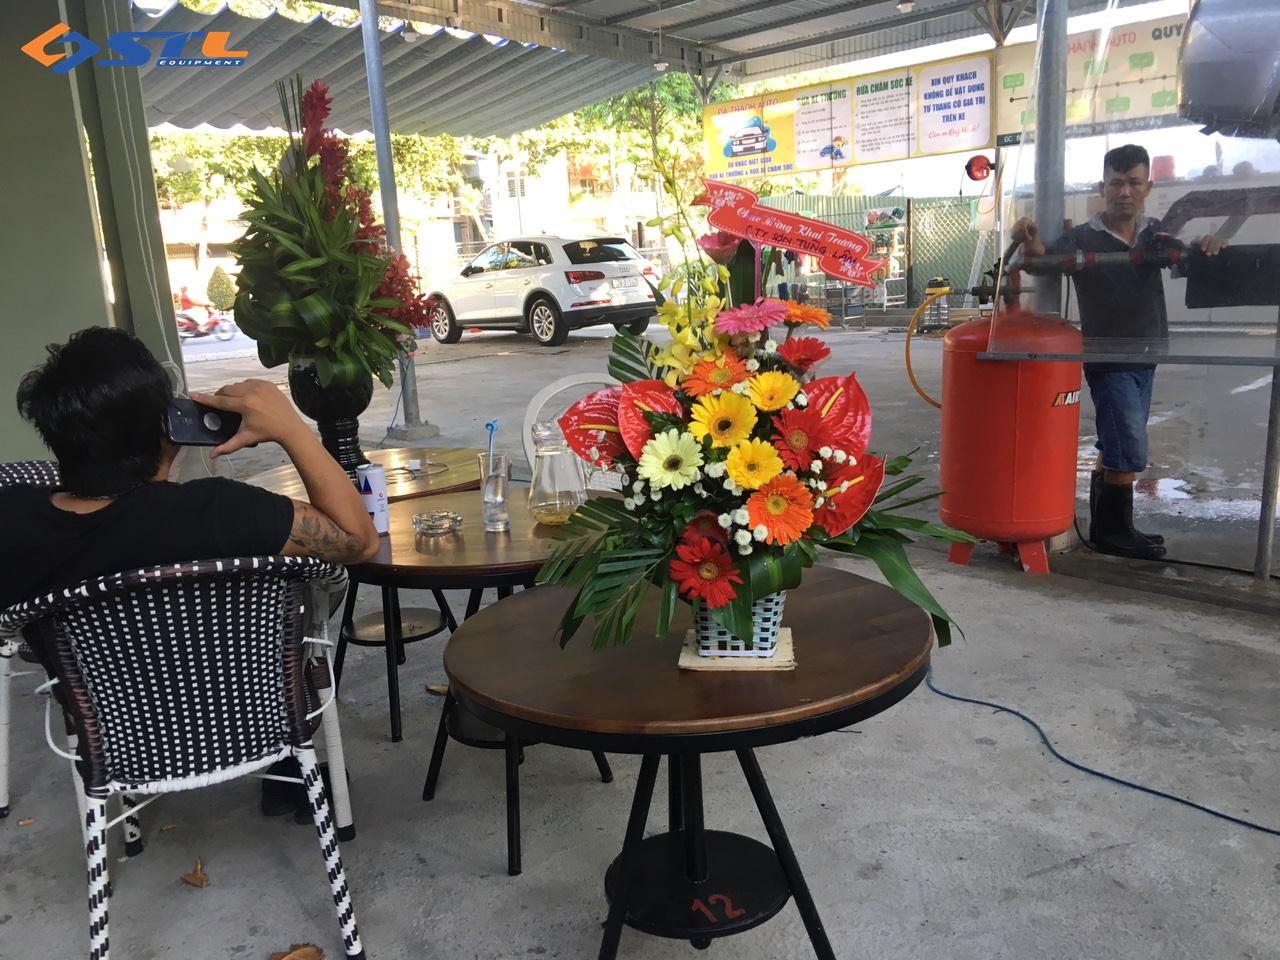 mung khai truong quan cafe ket hop rua xe cua anh long da nang